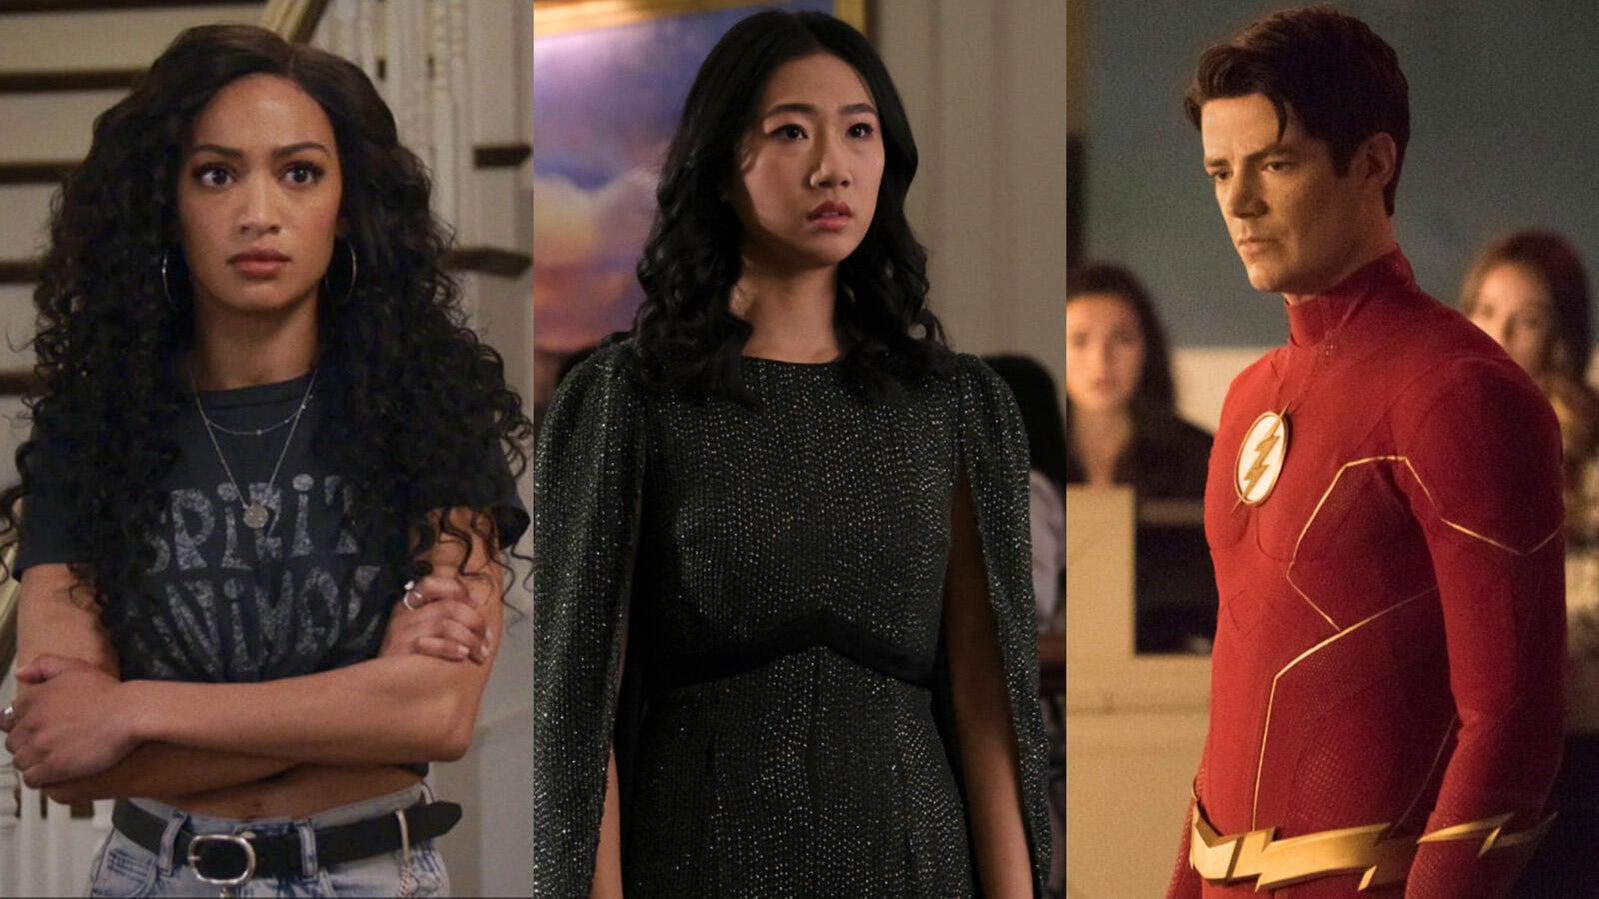 Samantha Logan (All American), Olivia Liang (Kung Fu), and Grant Gustin (The Flash)